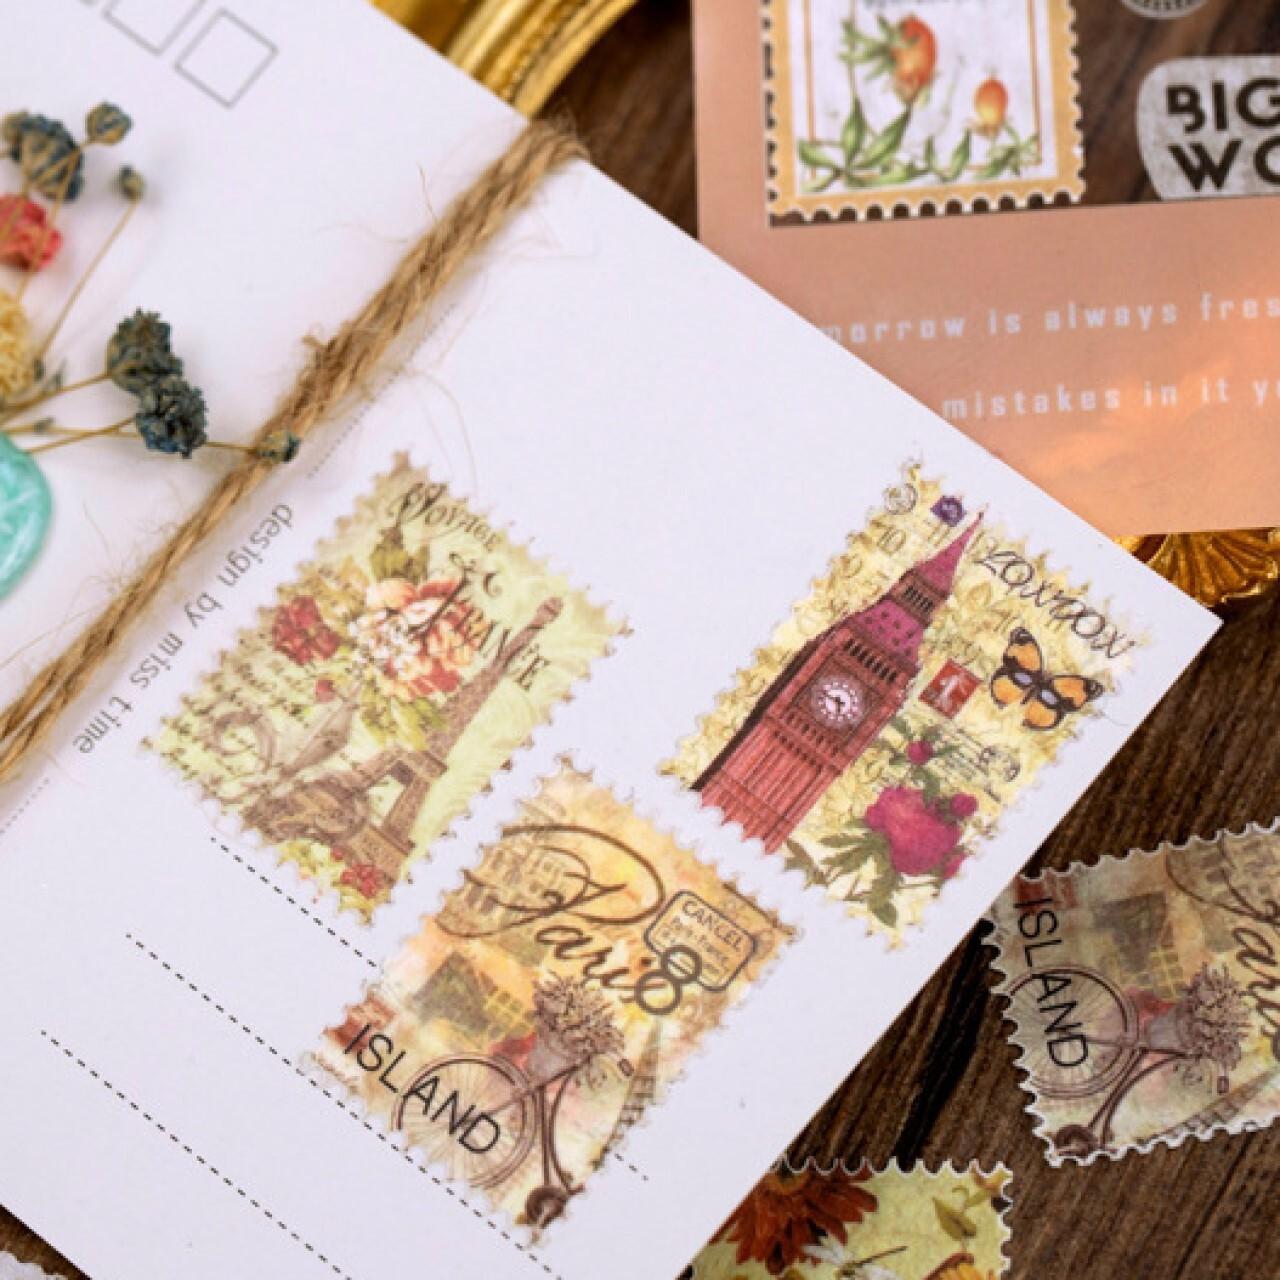 マスキングテープ 切手モチーフ 全8種 レトロ ヴィンテージスタンプシリーズ  花柄 香水 きのこ ほぼ日手帳 マステ S16